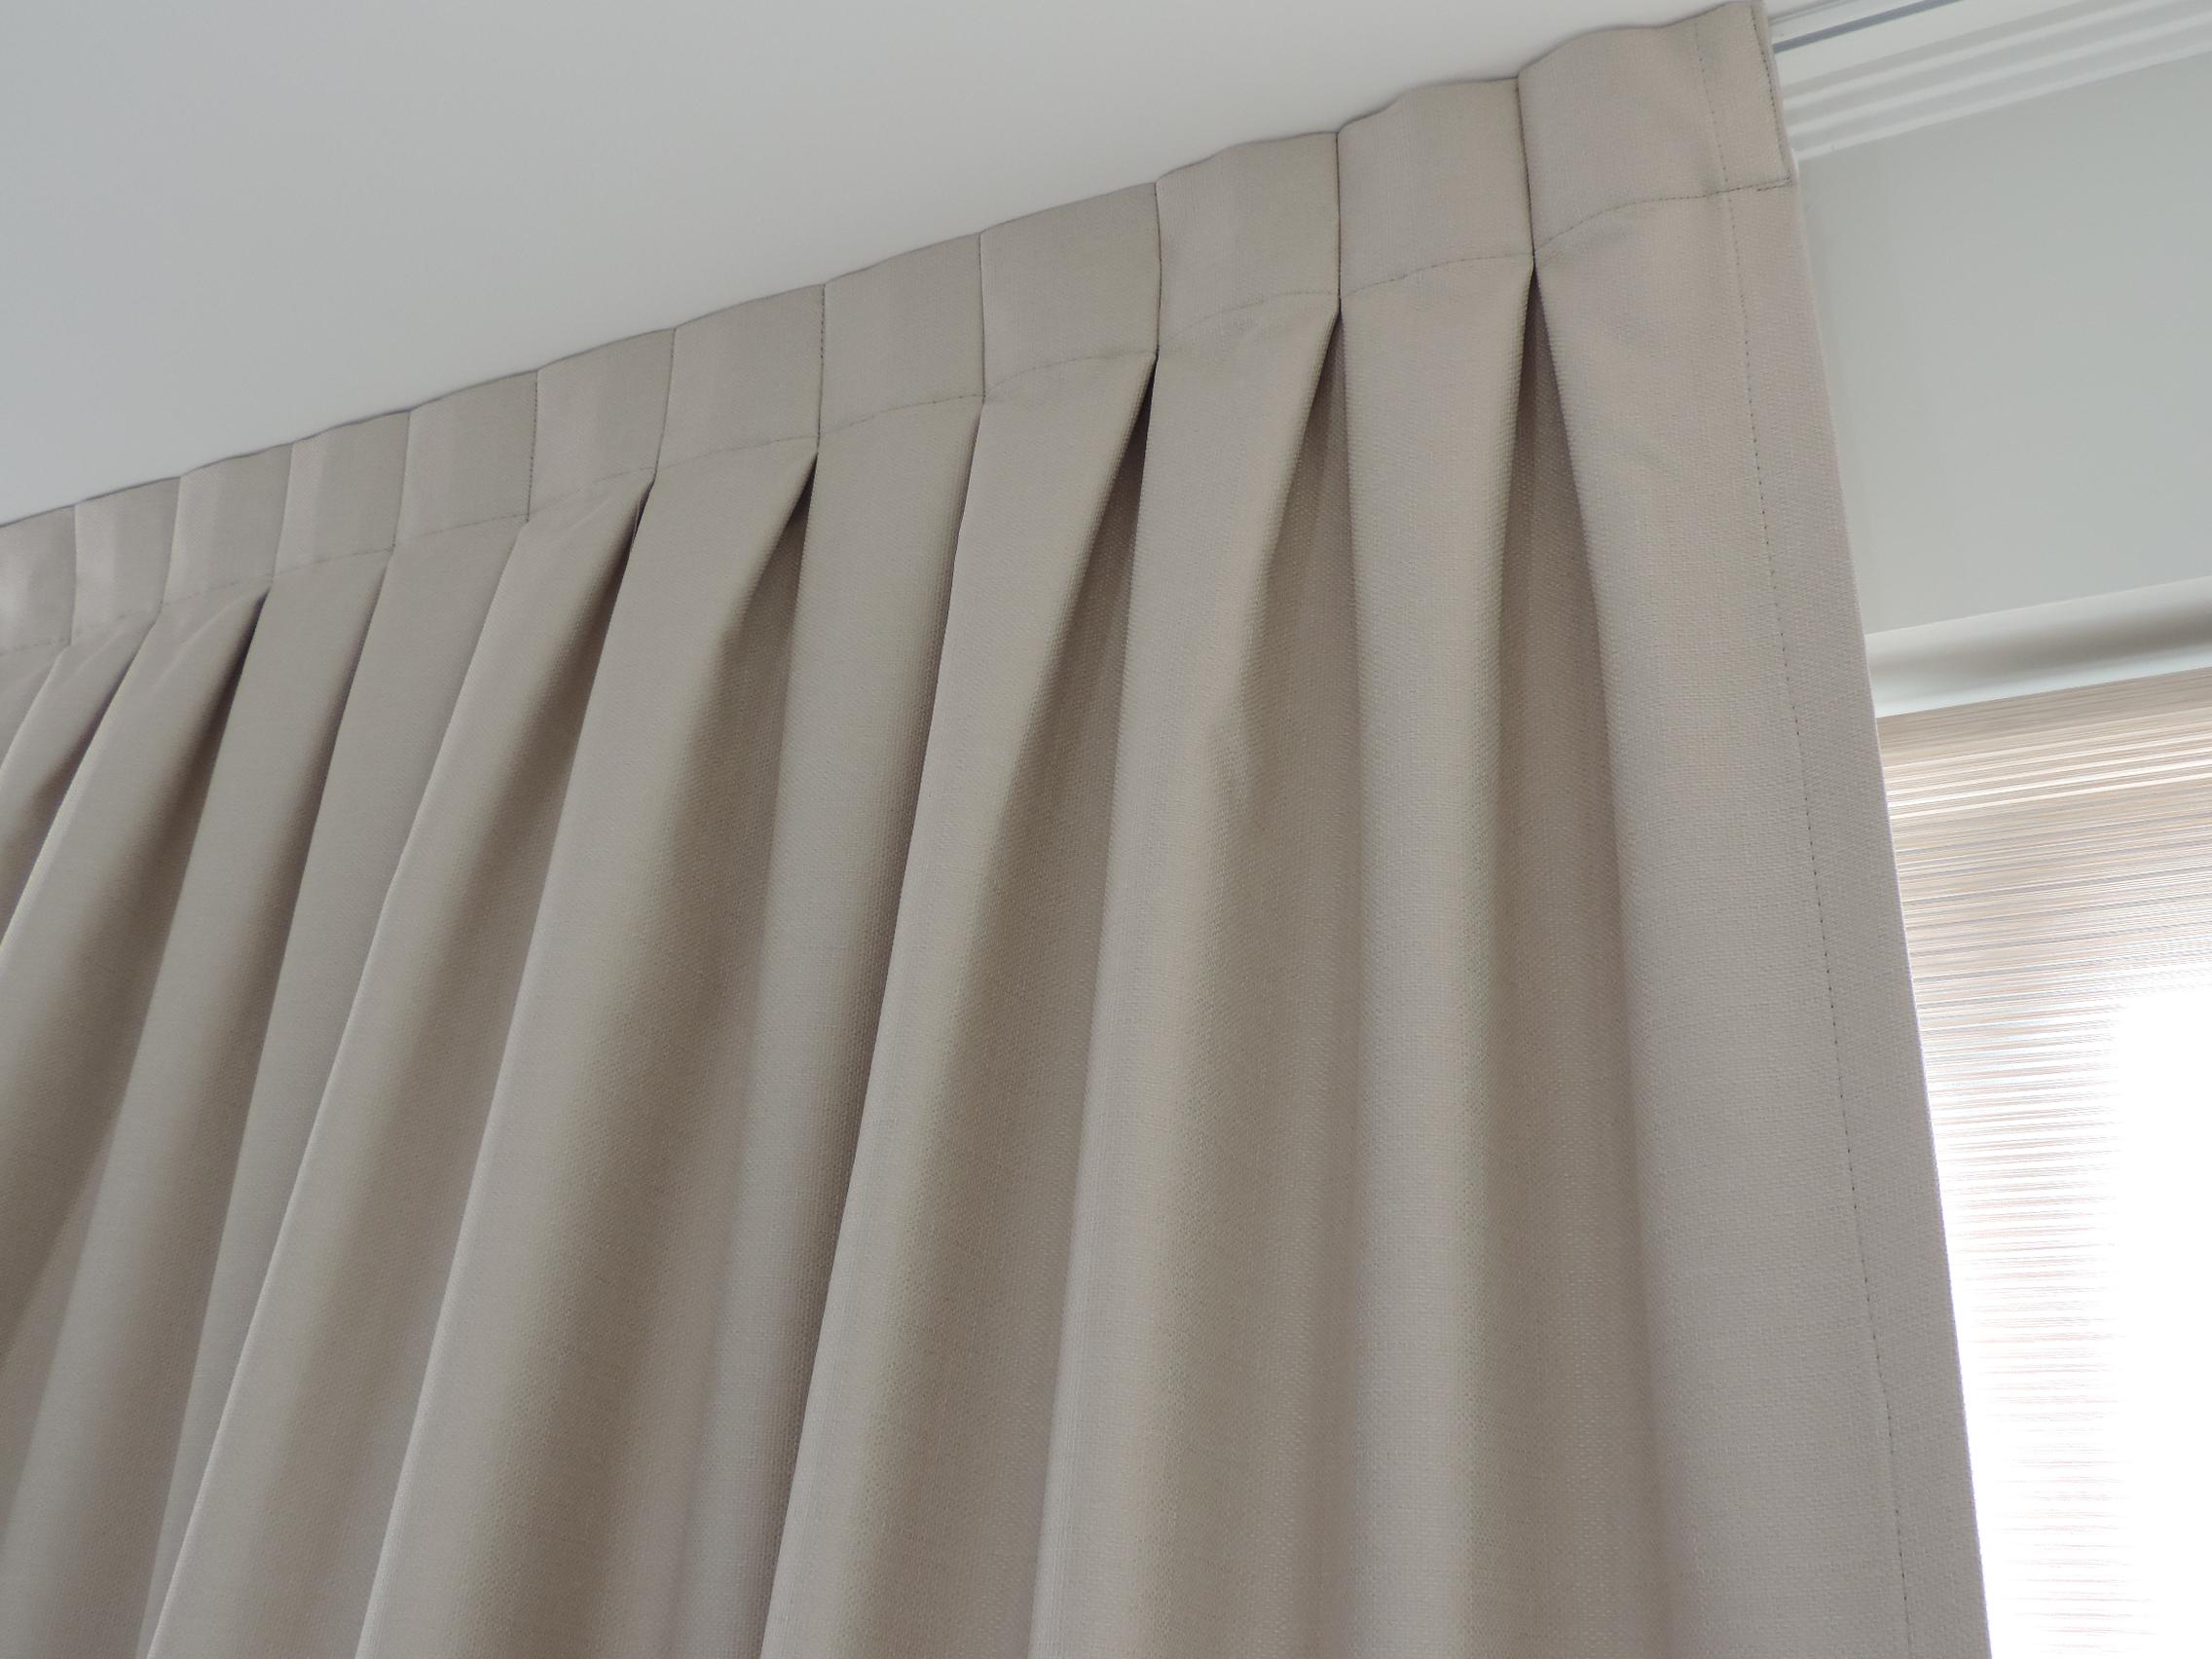 cortina blackout textura